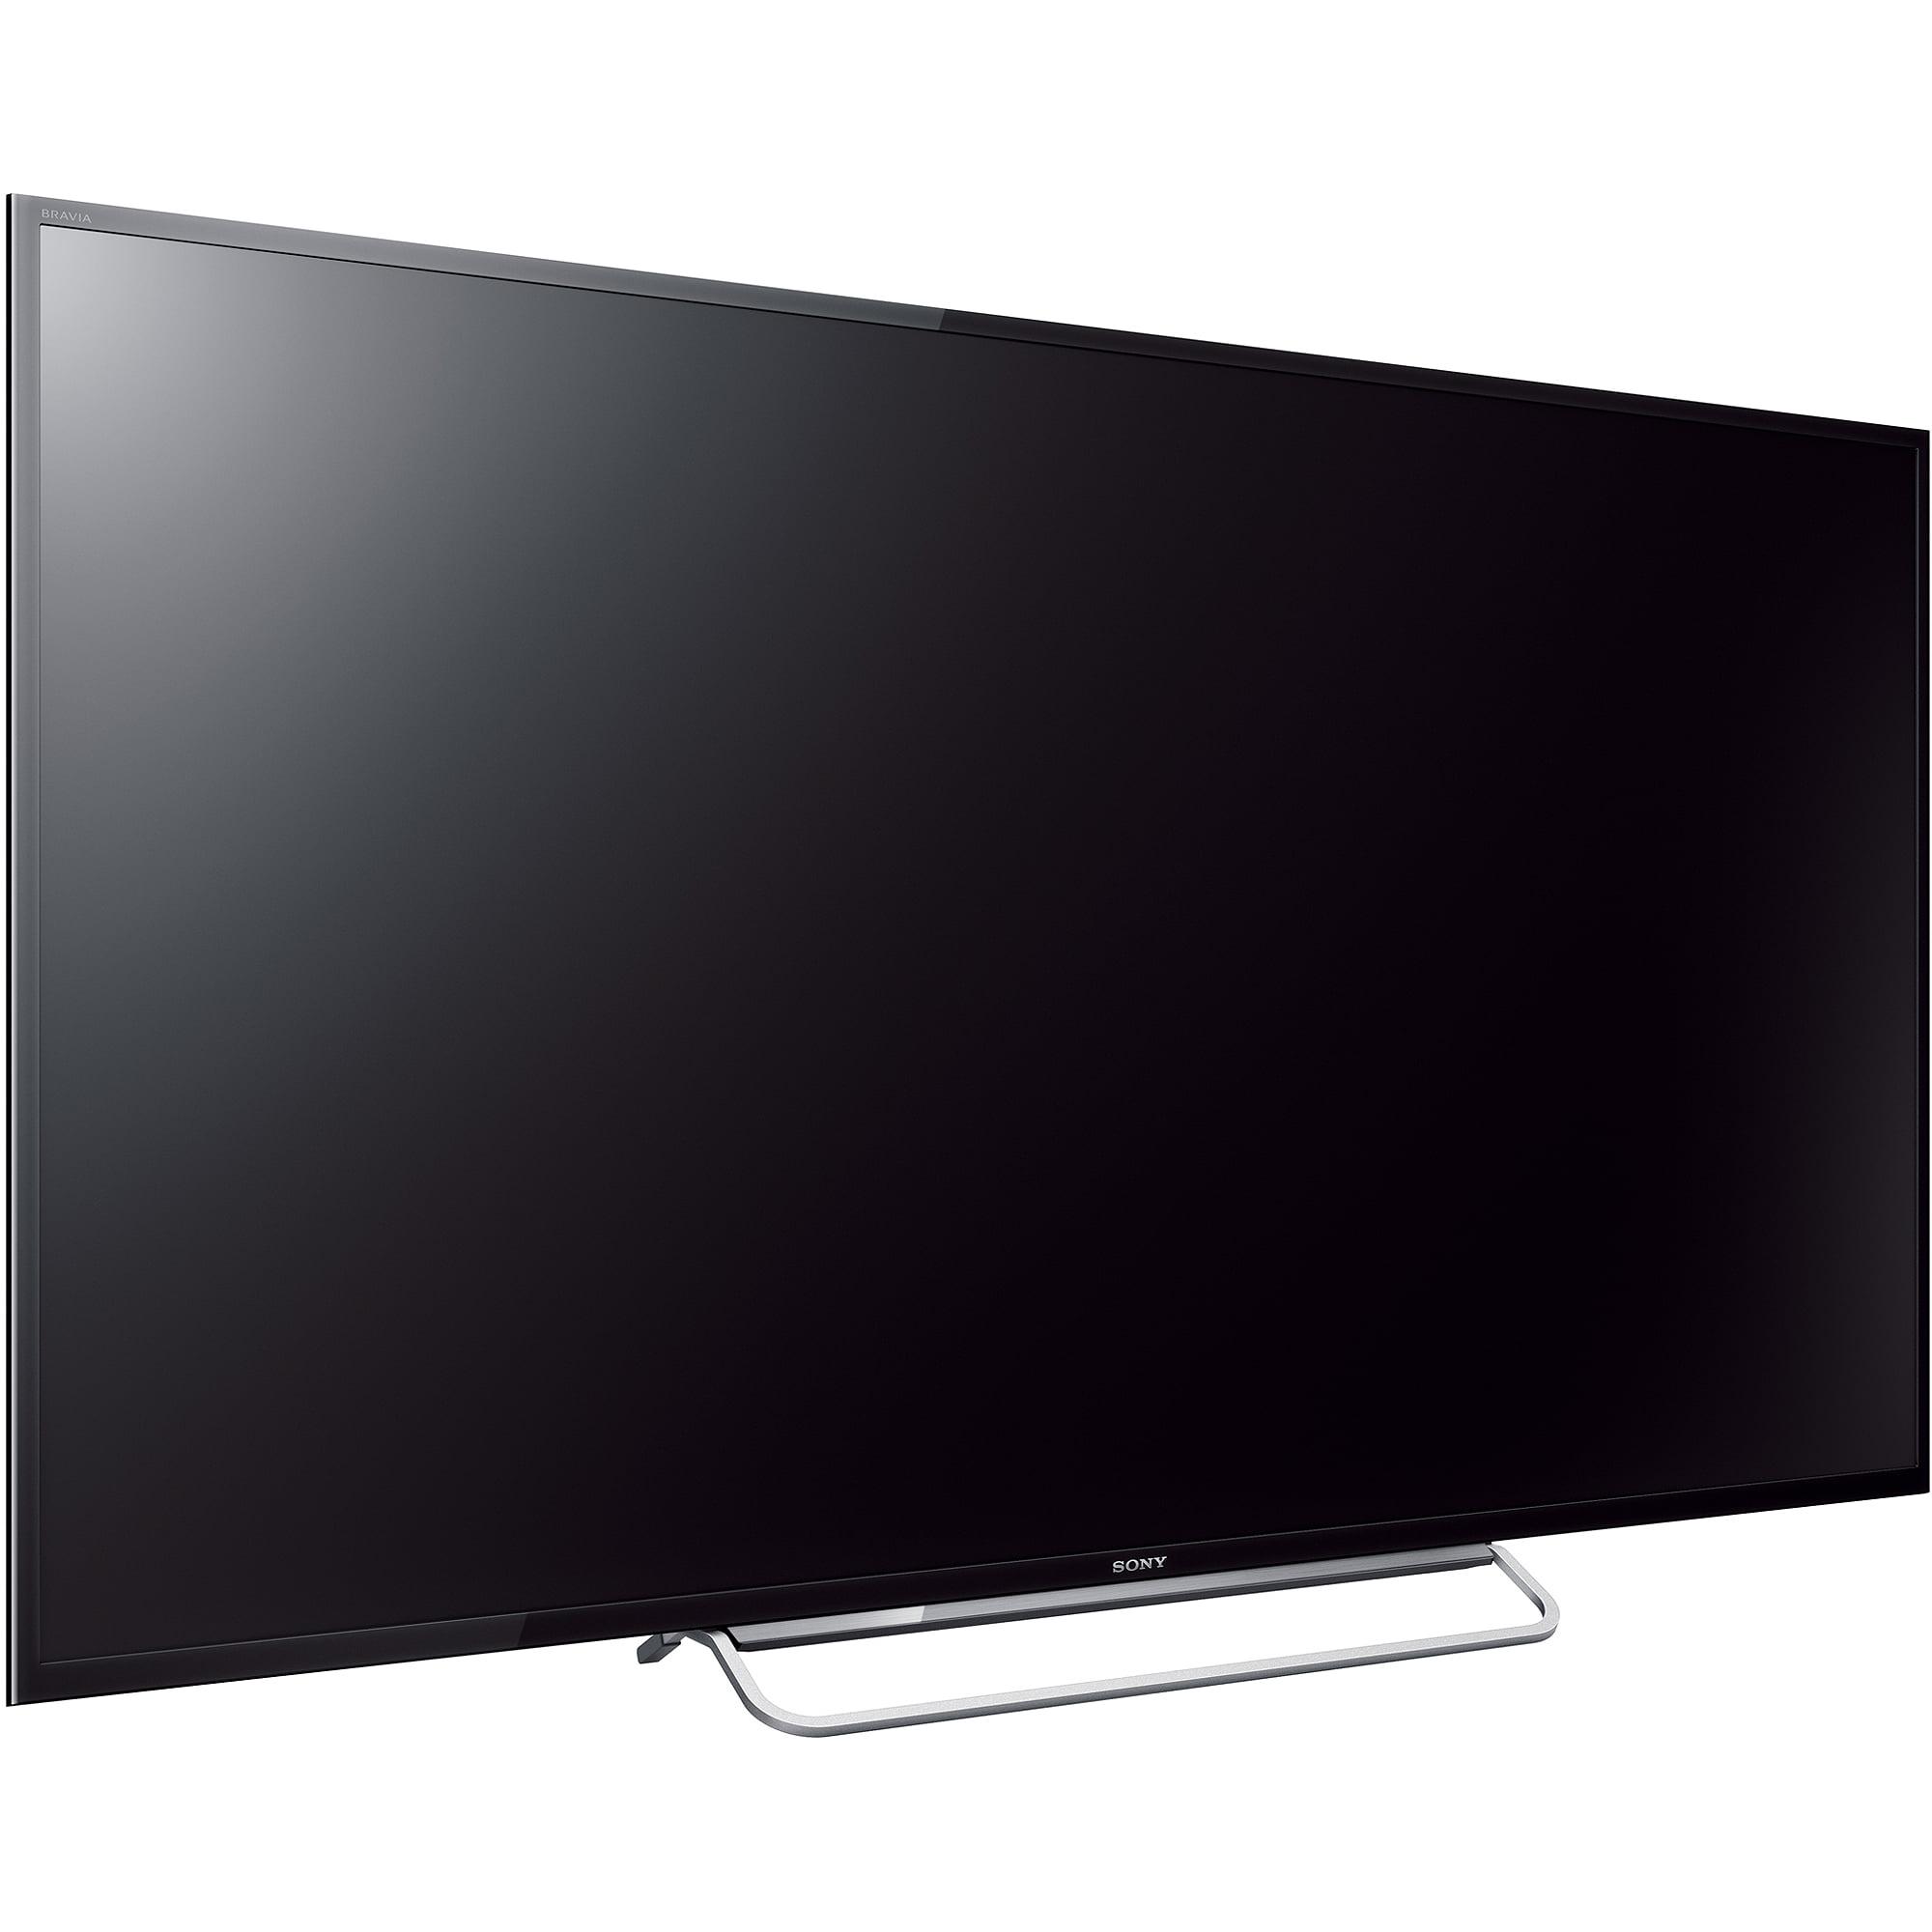 """Sony KDL60W630B 60"""" 1080p 120Hz LED HDTV"""